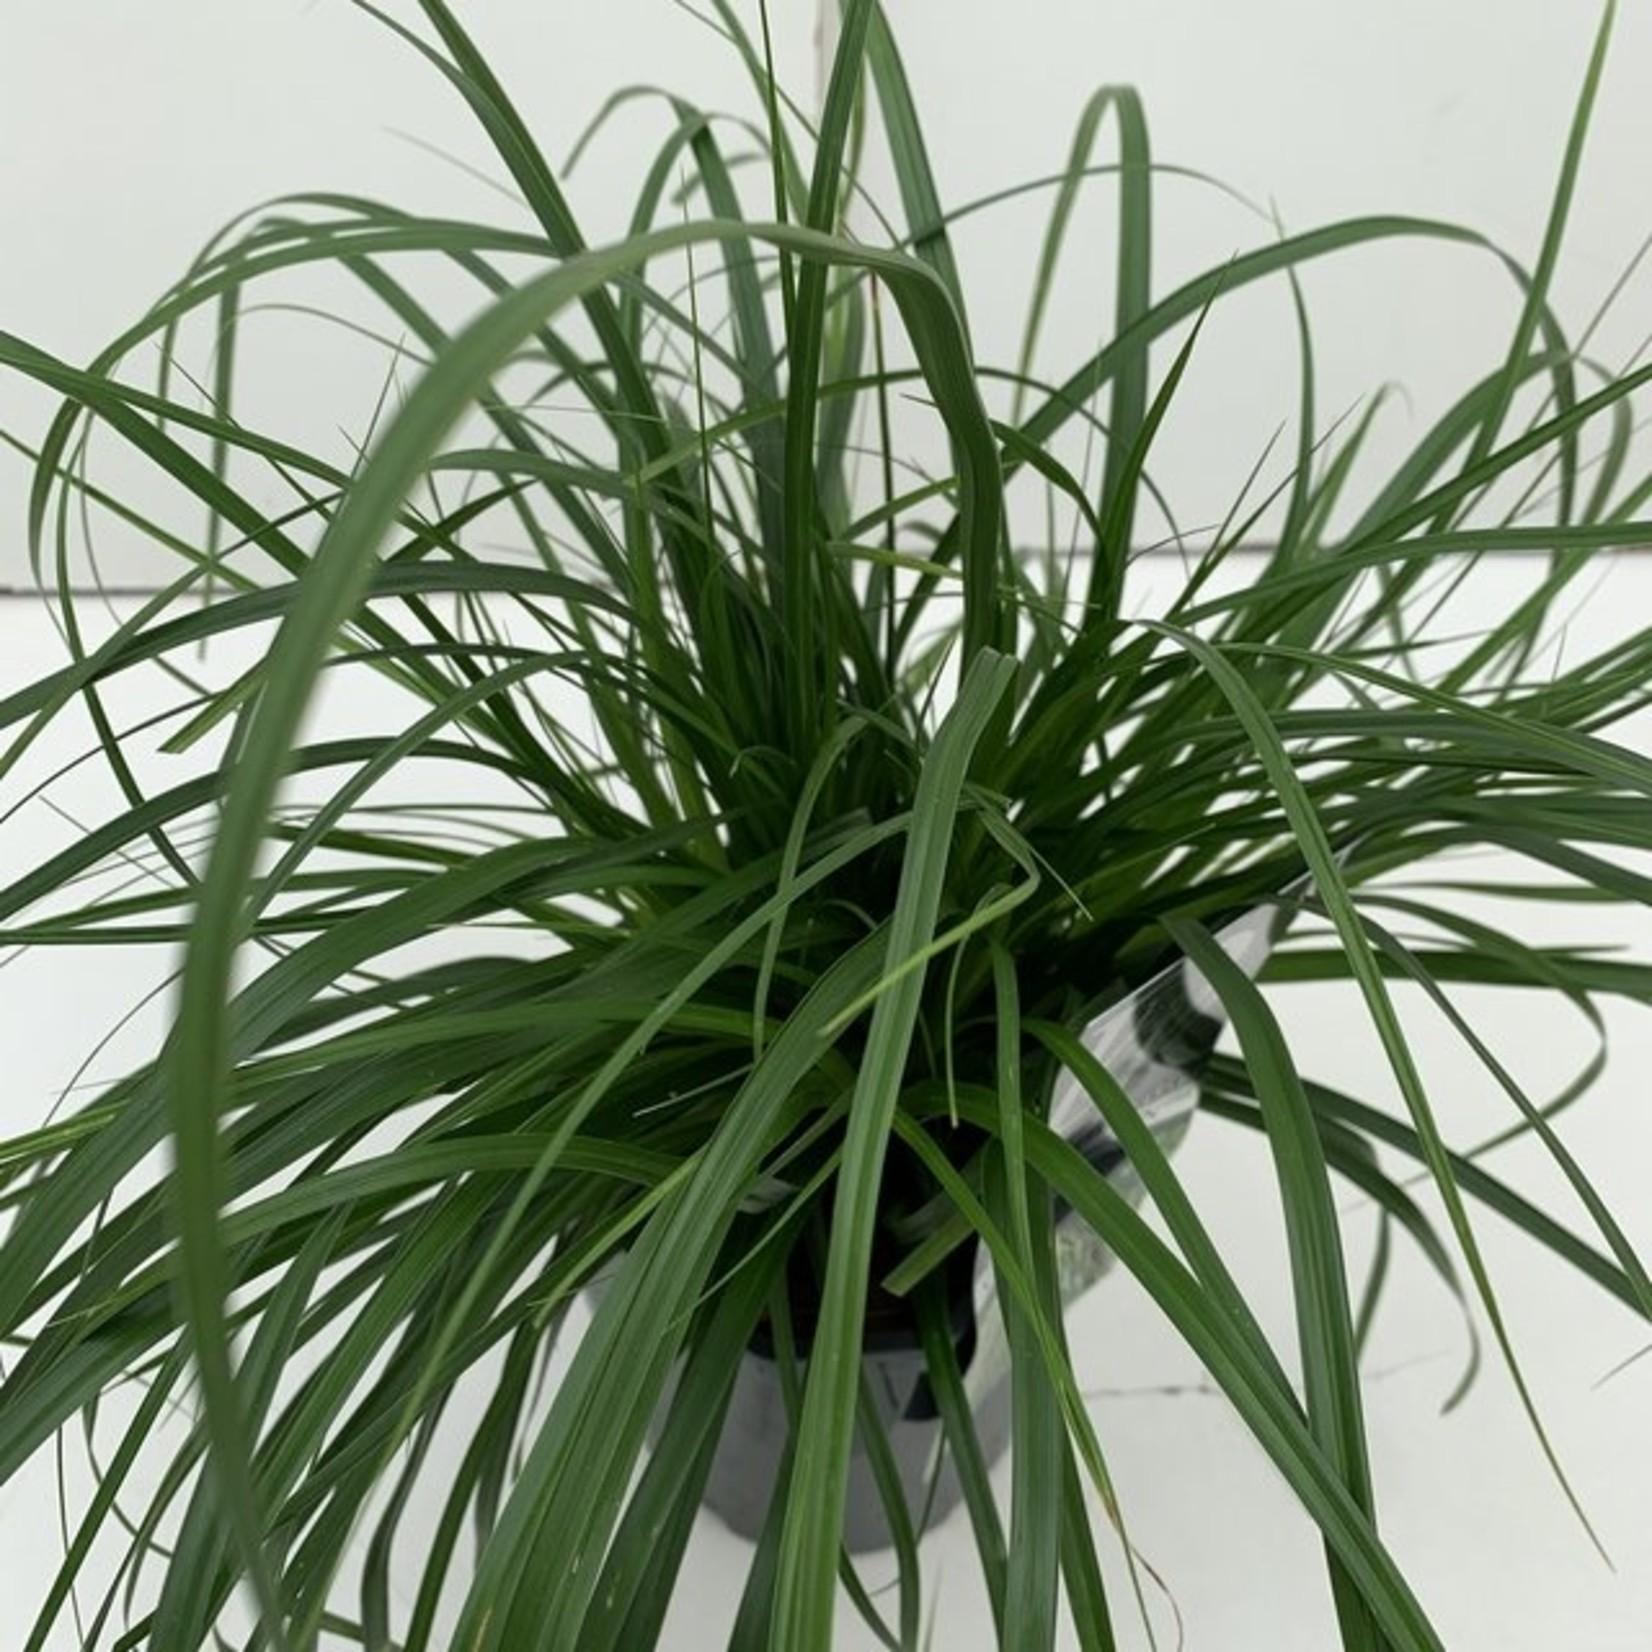 Carex oshimensis 'Evergreen' (Groenbladige zegge)